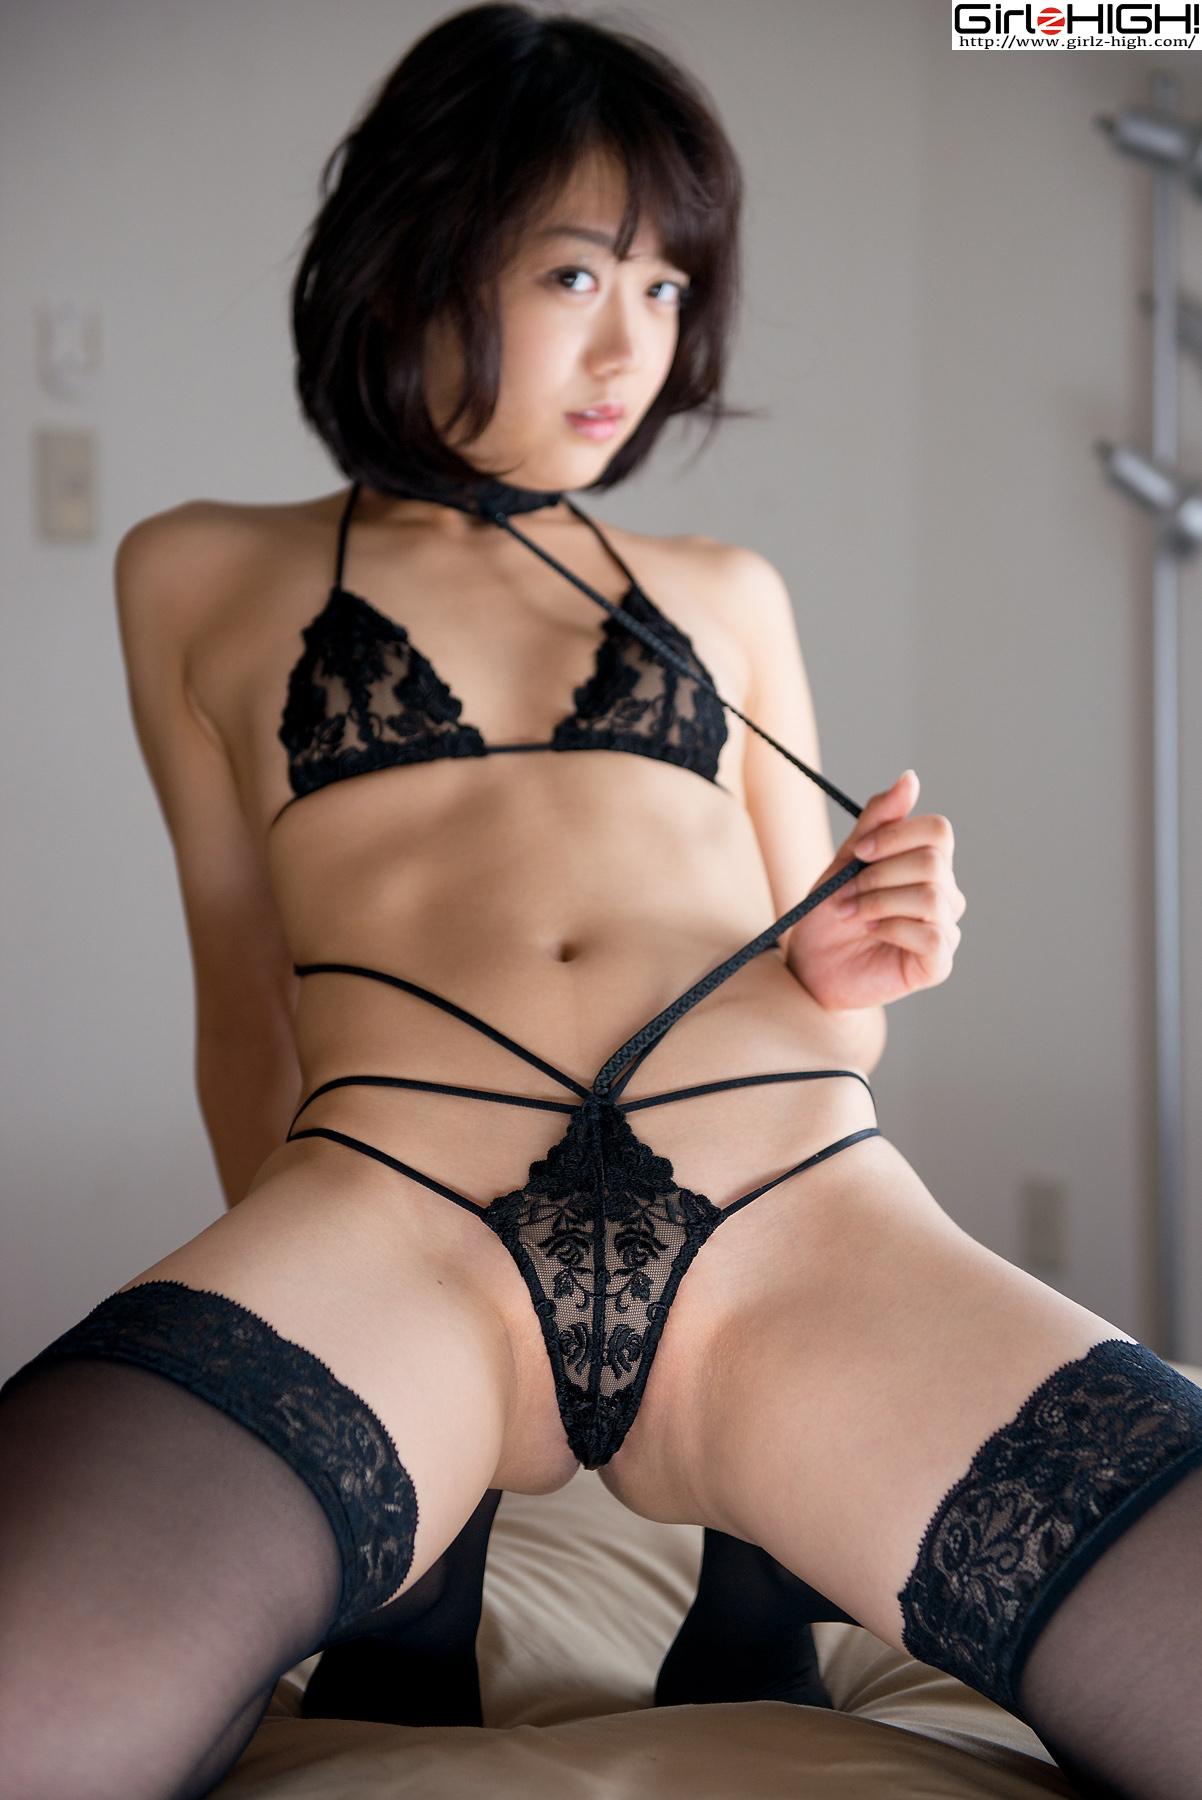 girl z high koharu [Girlz-High] Koharu Nishino – bkoh_006_002 [27.4 Mb]